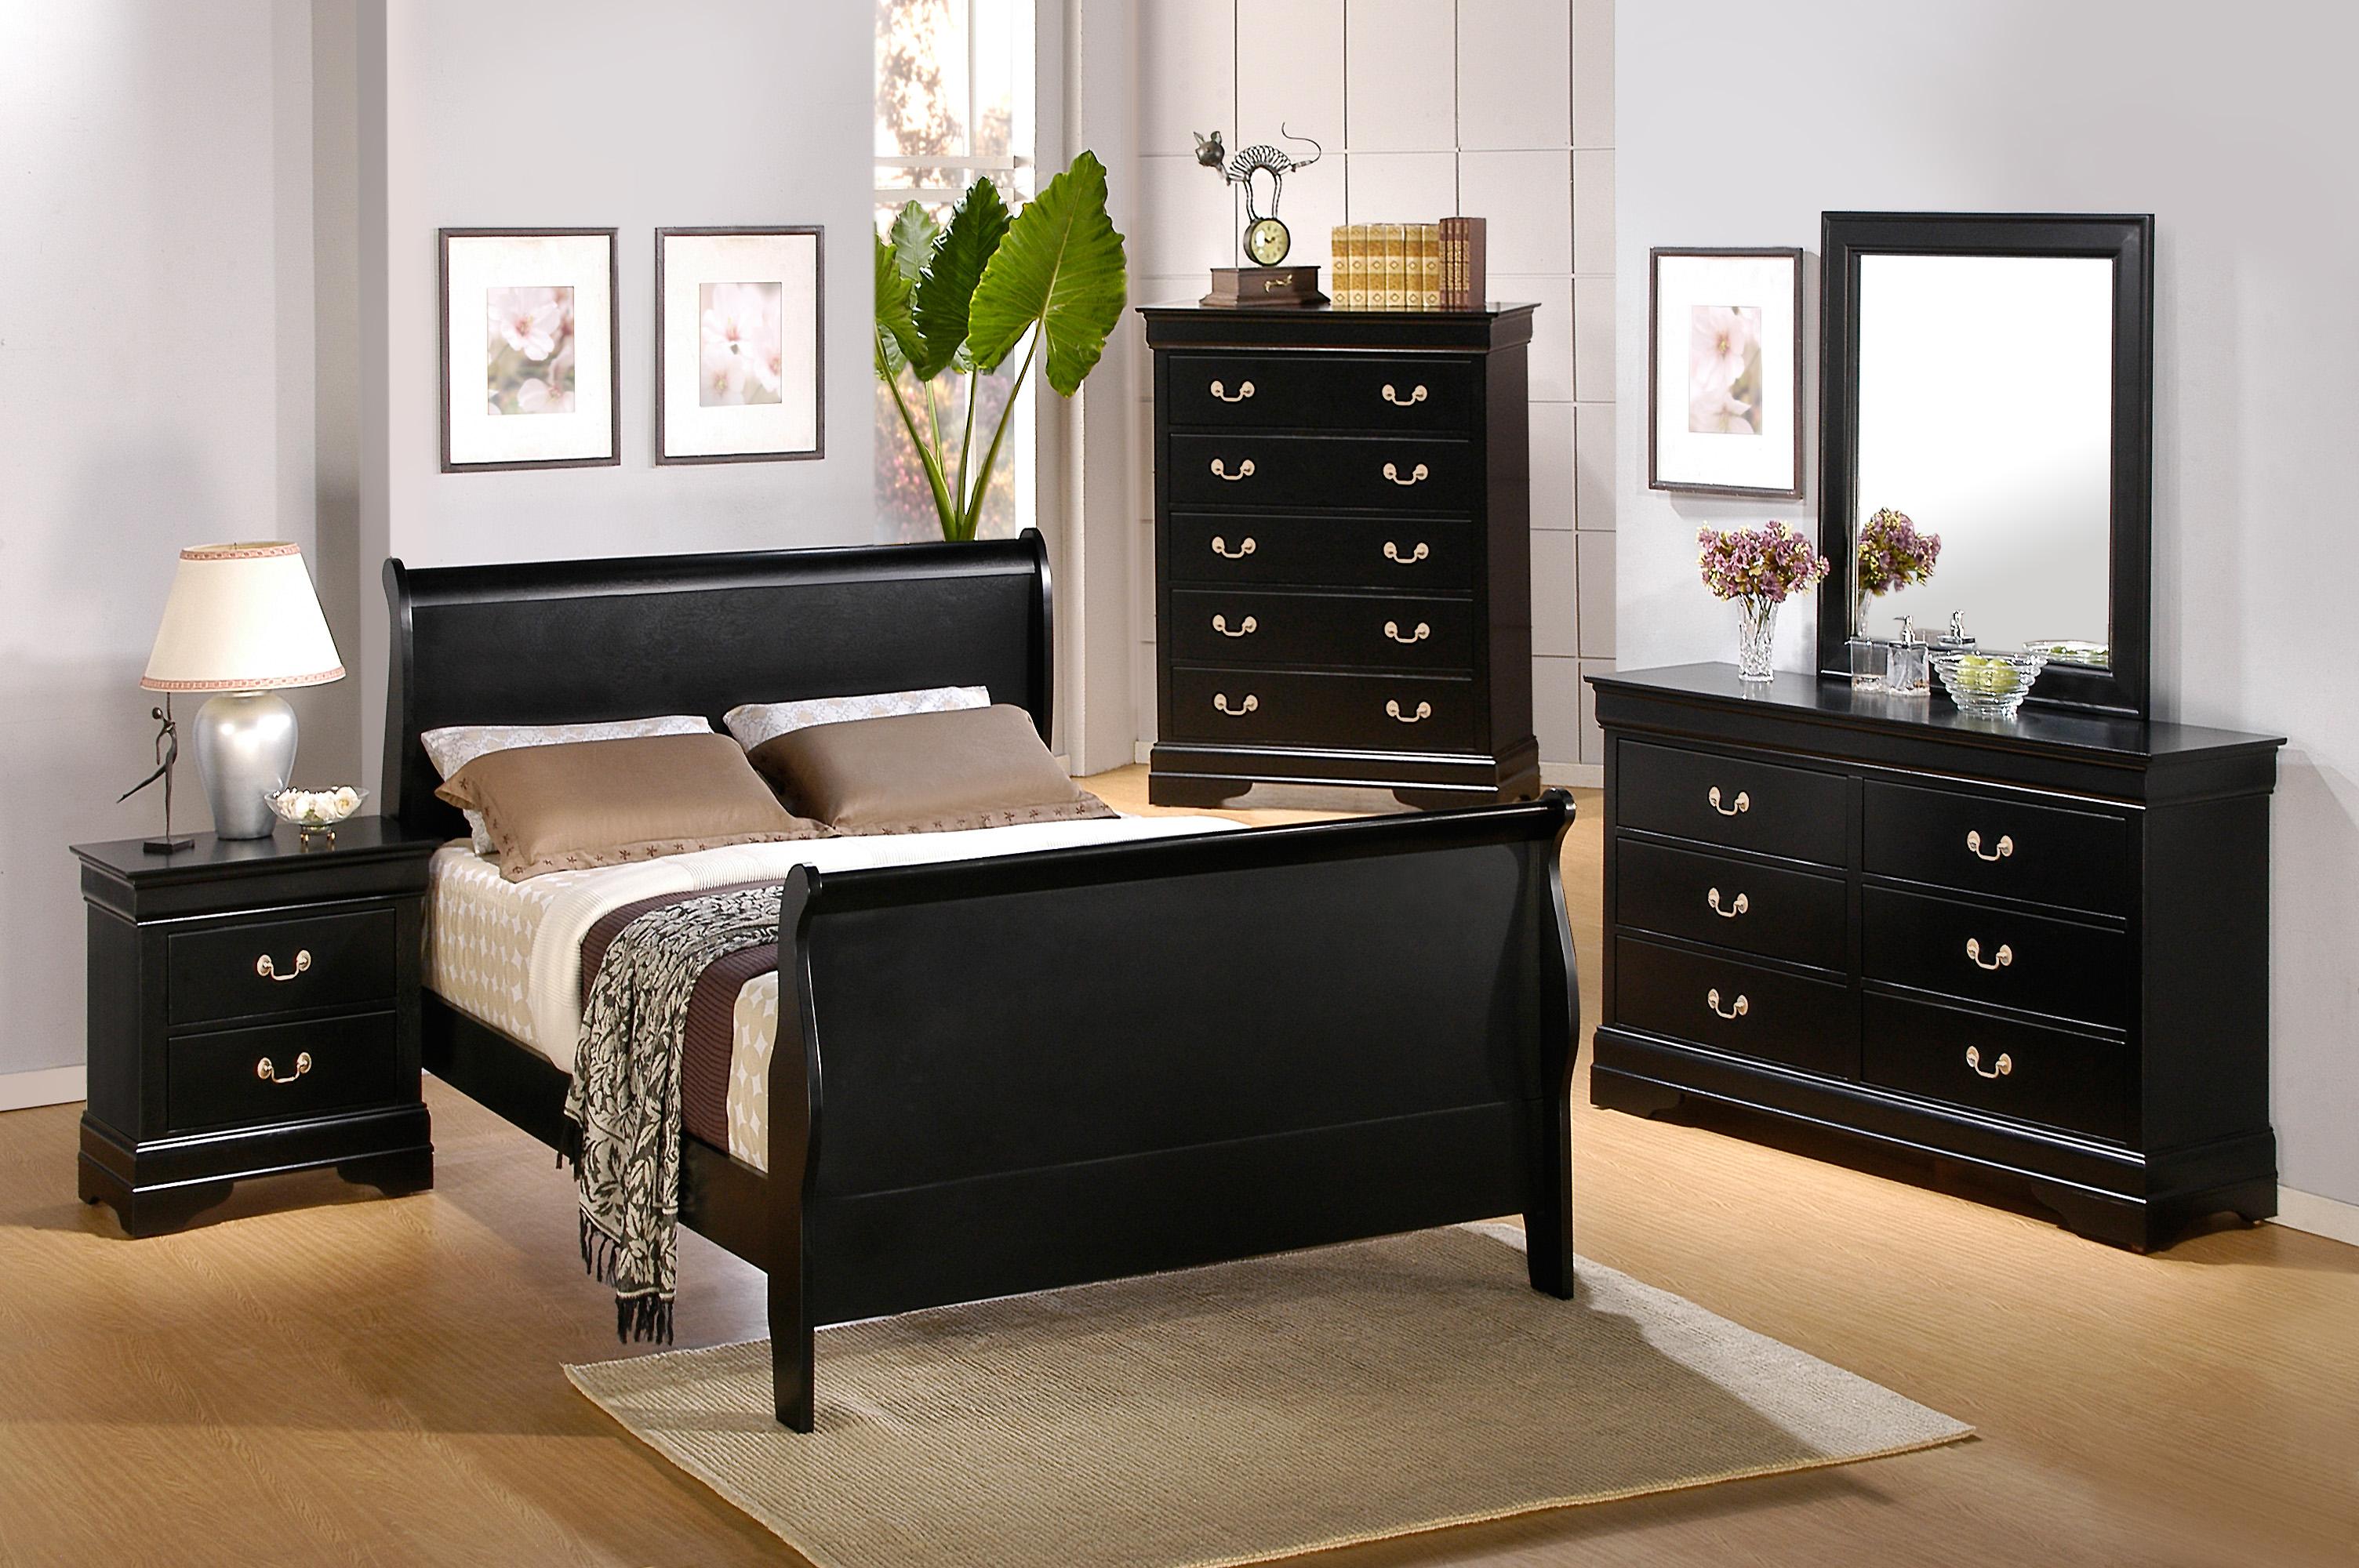 bedroom furniture sets black photo - 6